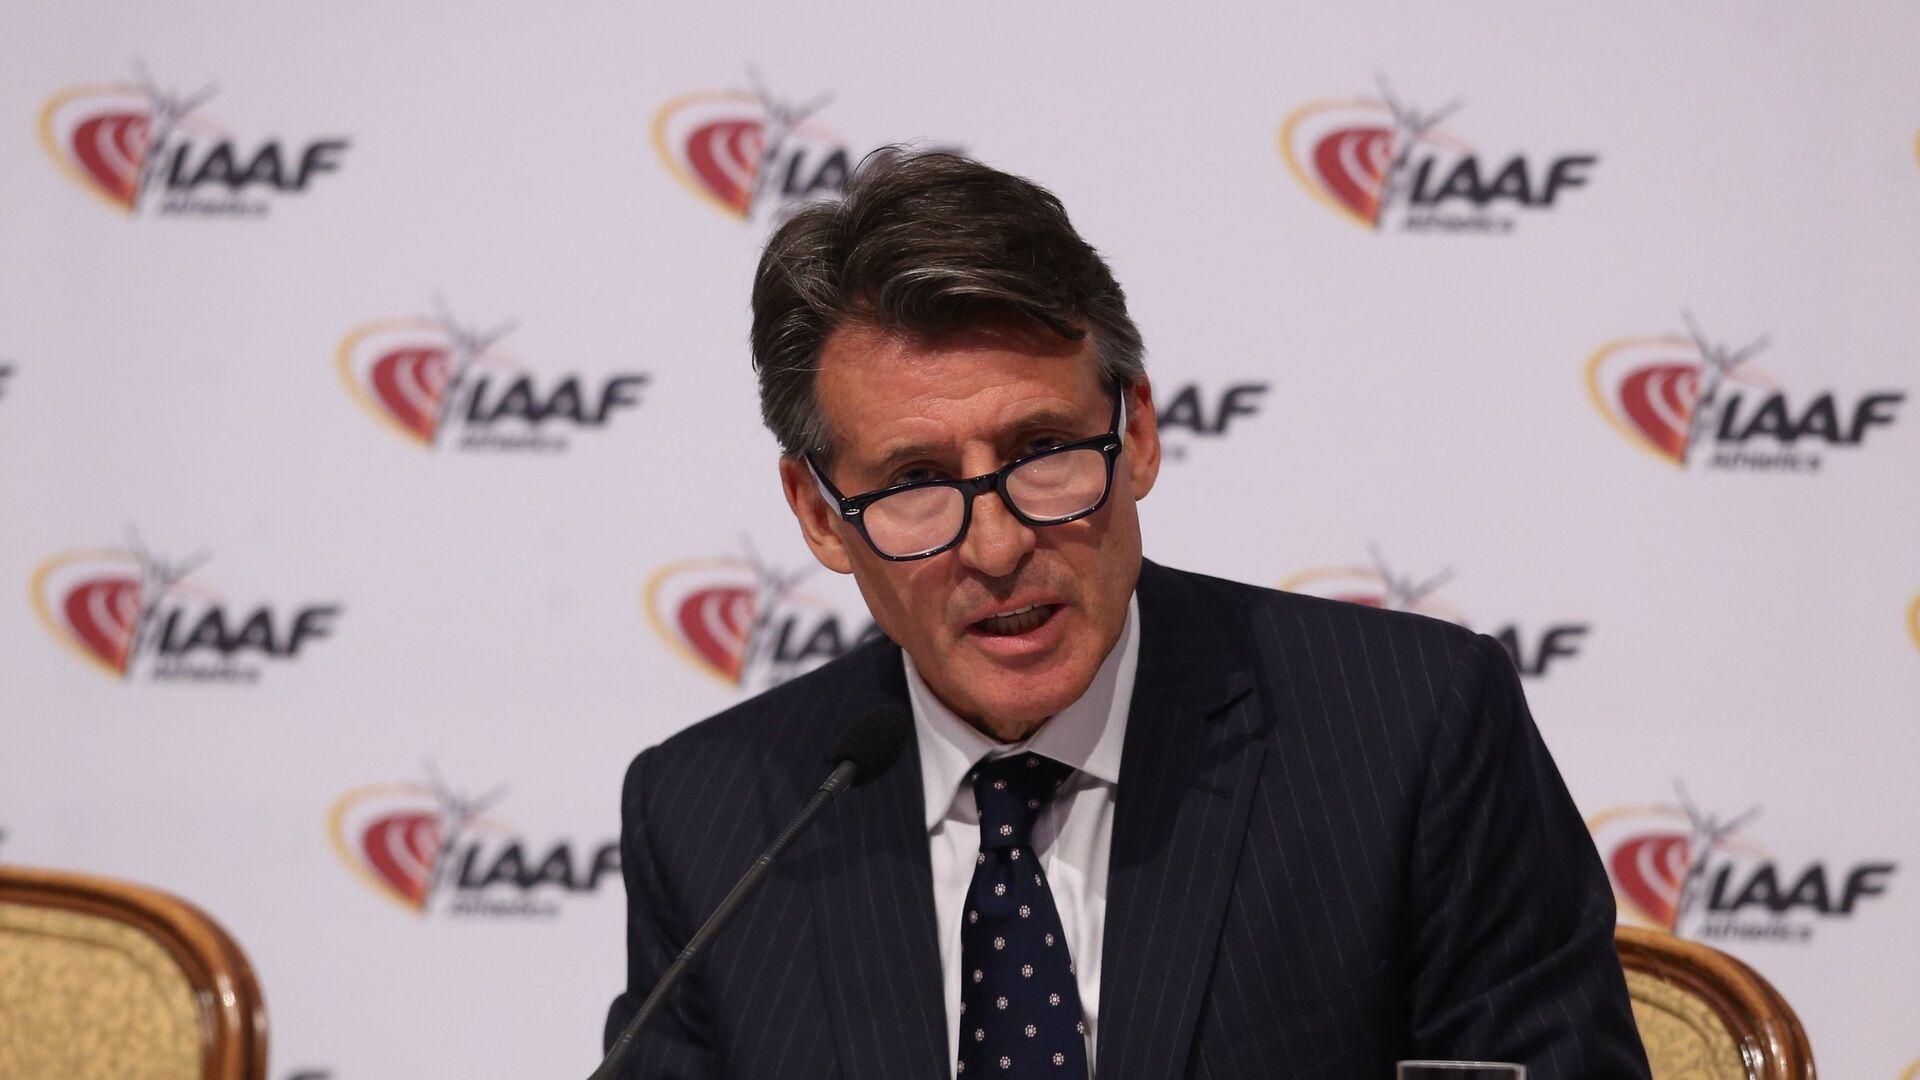 Президент Международной ассоциации легкоатлетических федераций (IAAF) Себастьян Коу на пресс конференции по итогам заседания Совета IAAF на котором было принято решение отстранить российских легкоатлетов от участия в Летних олимпийских играх 2016 в Рио-де-Жанейро - РИА Новости, 1920, 28.07.2021